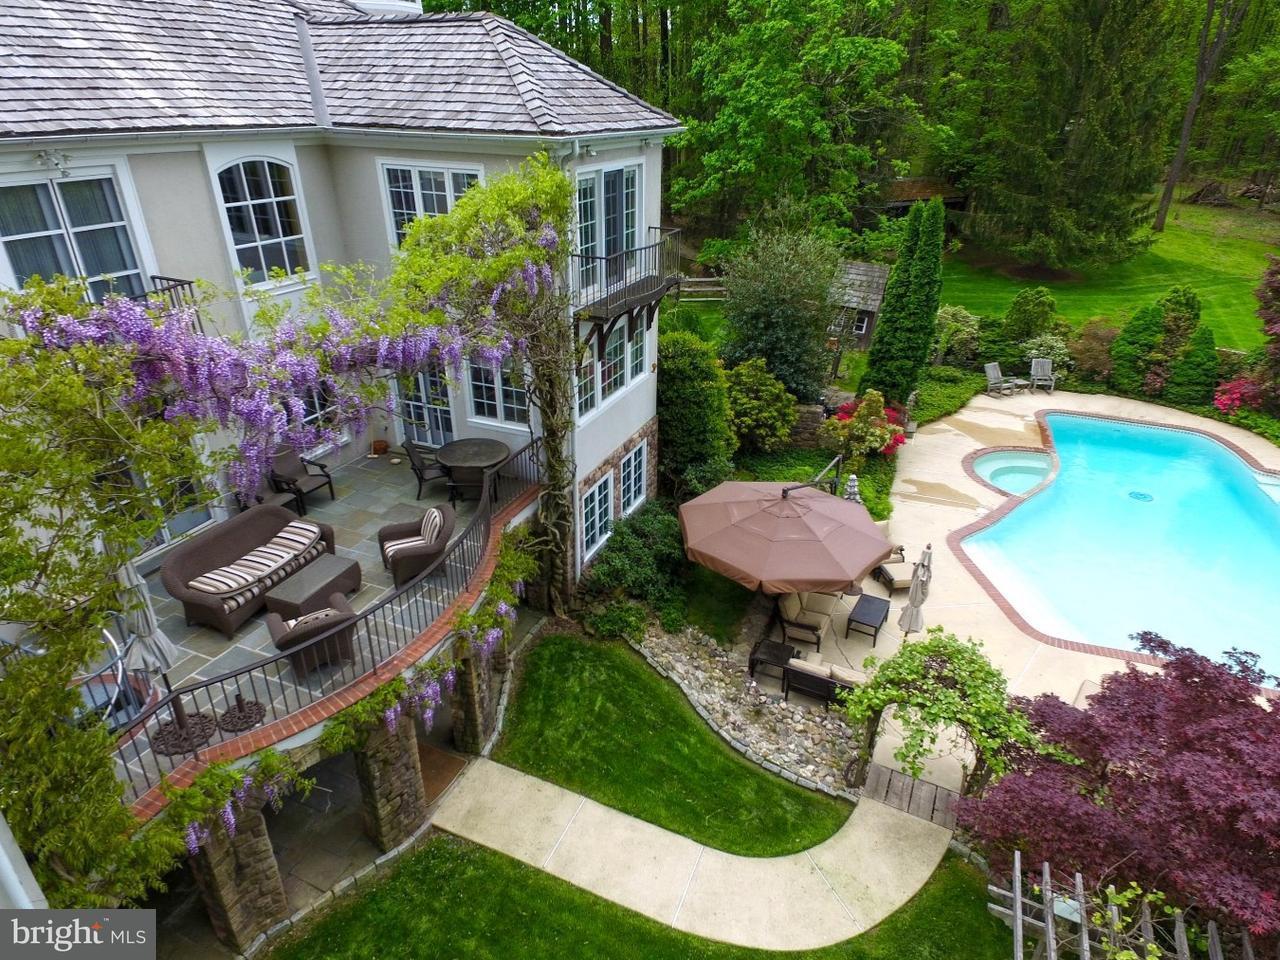 Частный односемейный дом для того Продажа на 6450 OLD CARVERSVILLE Road New Hope, Пенсильвания 18938 Соединенные ШтатыВ/Около: Solebury Township